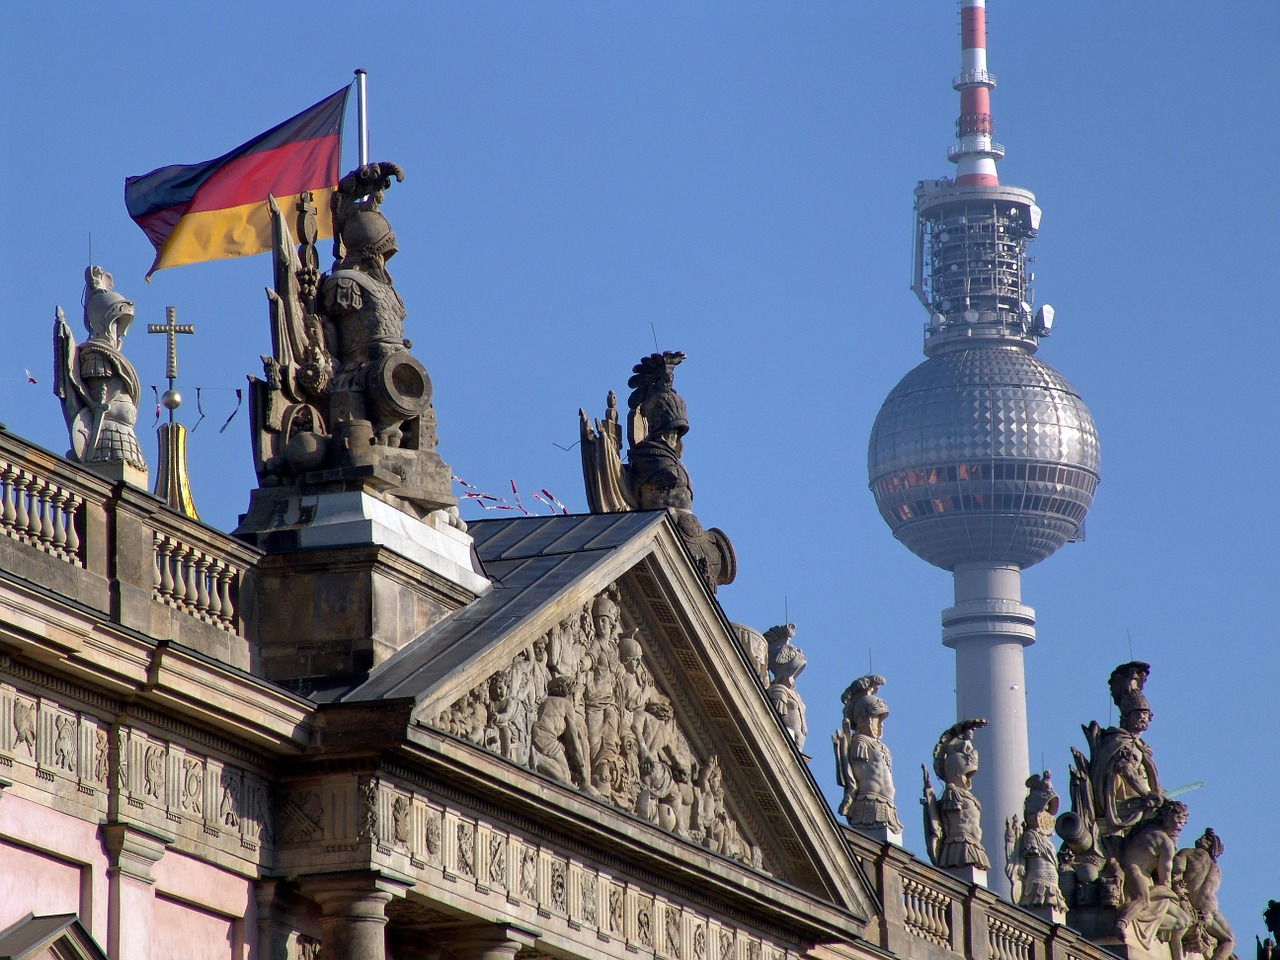 berlin-reichstag.jpg?1561368995